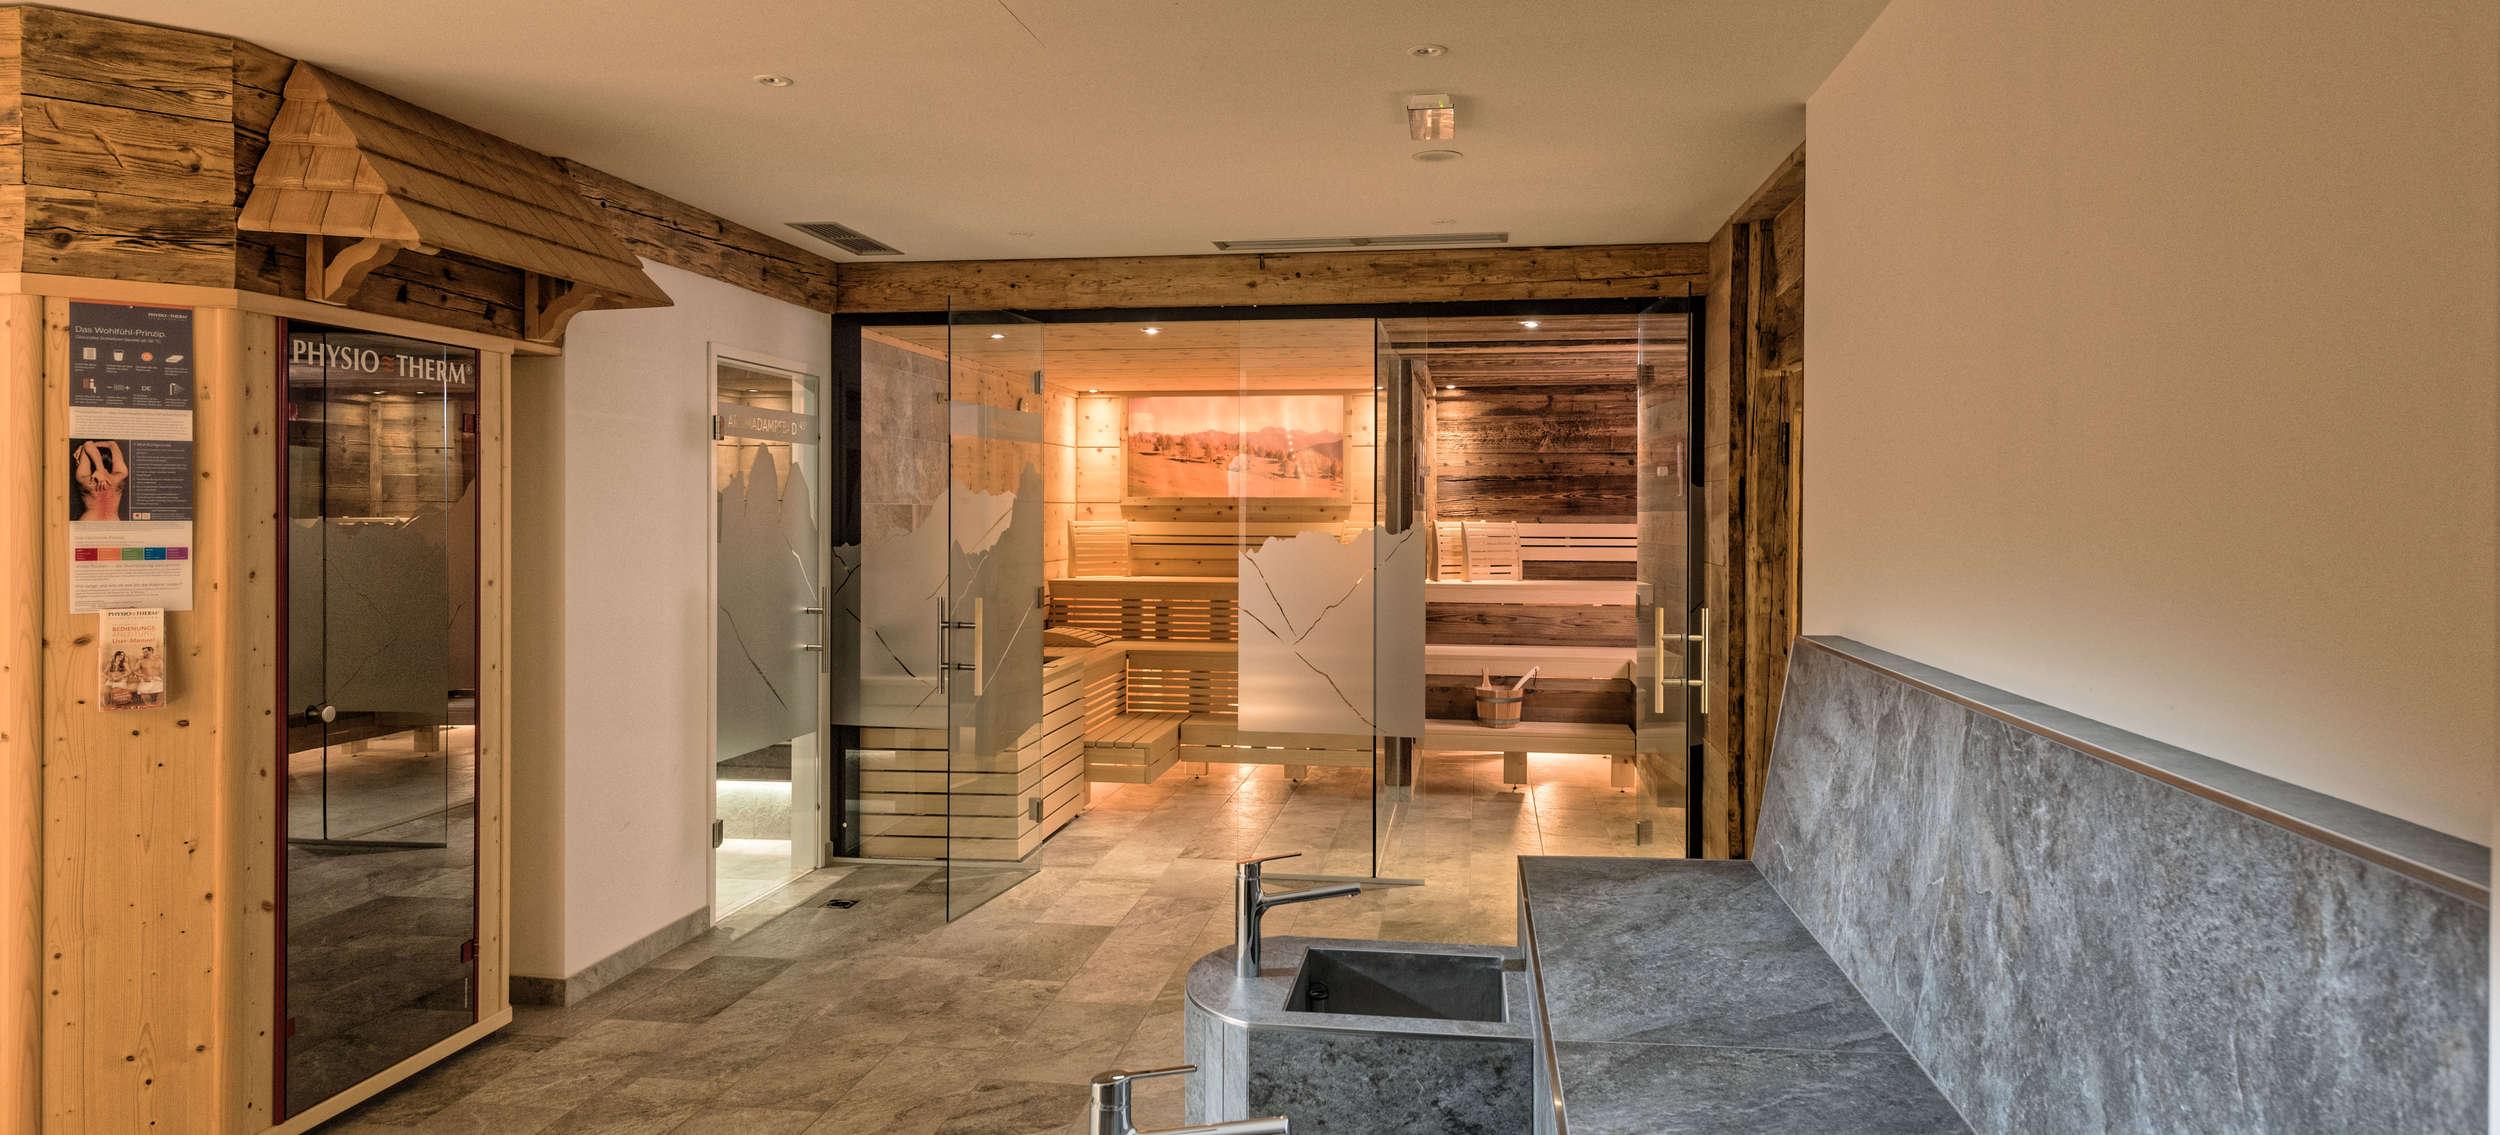 neu ab weihnachten 2019 news hotel alpenland hotel. Black Bedroom Furniture Sets. Home Design Ideas